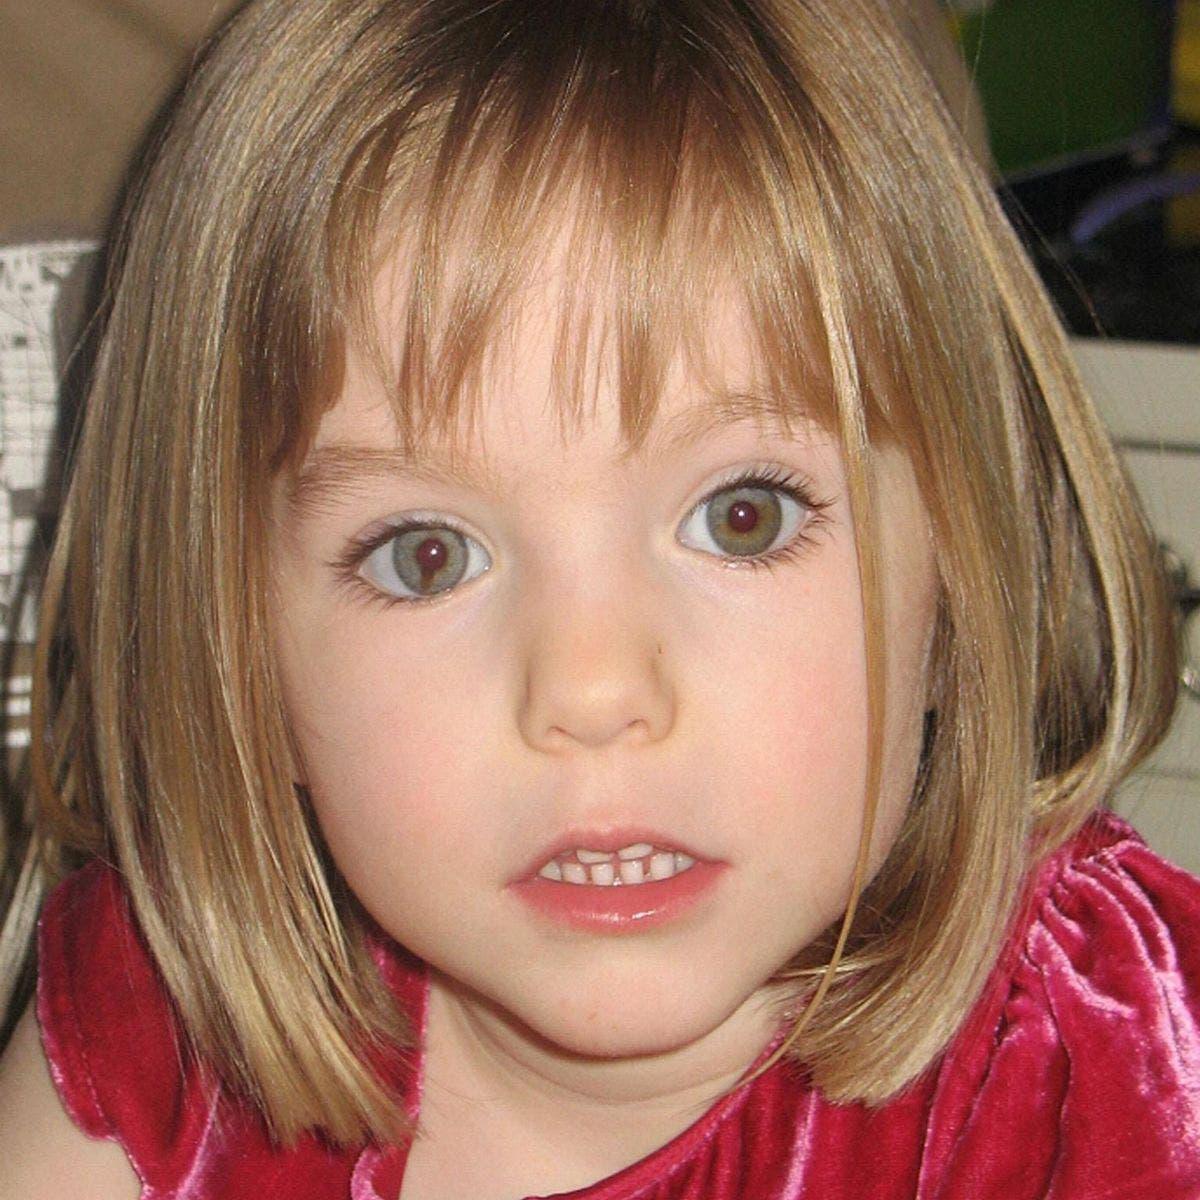 Lo nuevo del caso Madeleine McCann, niña que desapareció cuando estaba de vacaciones con sus padres